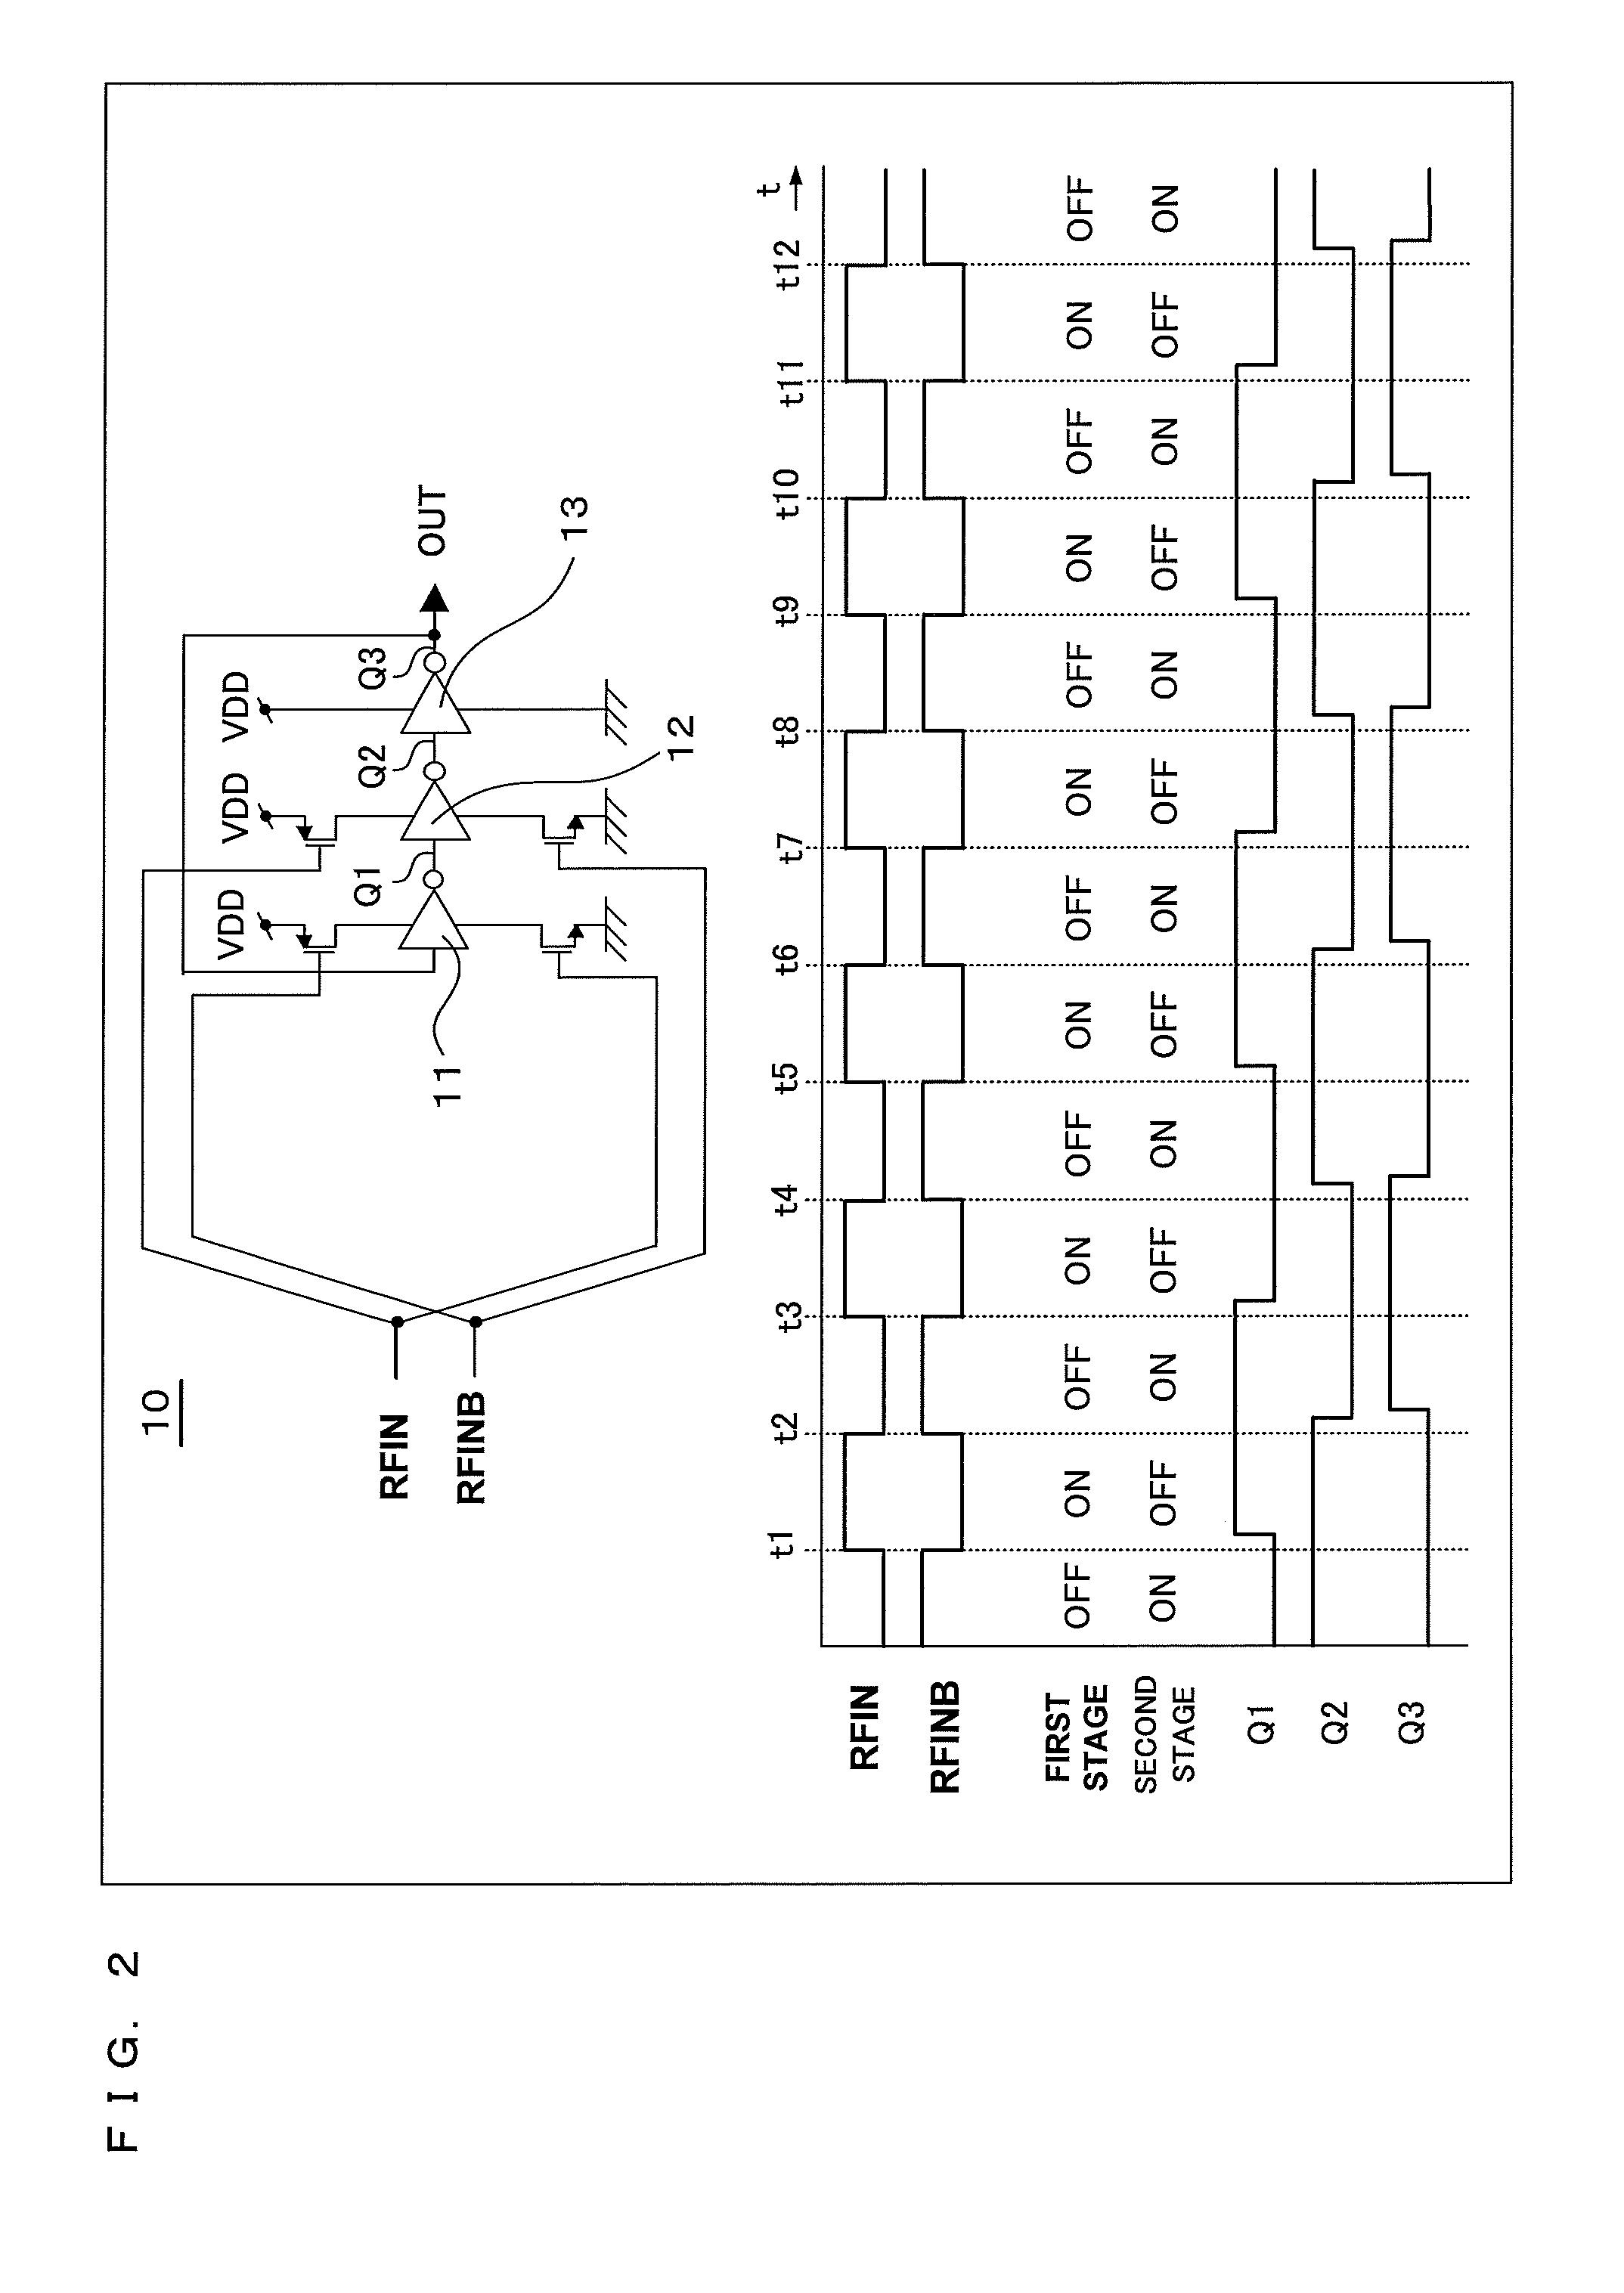 patent us20120058804